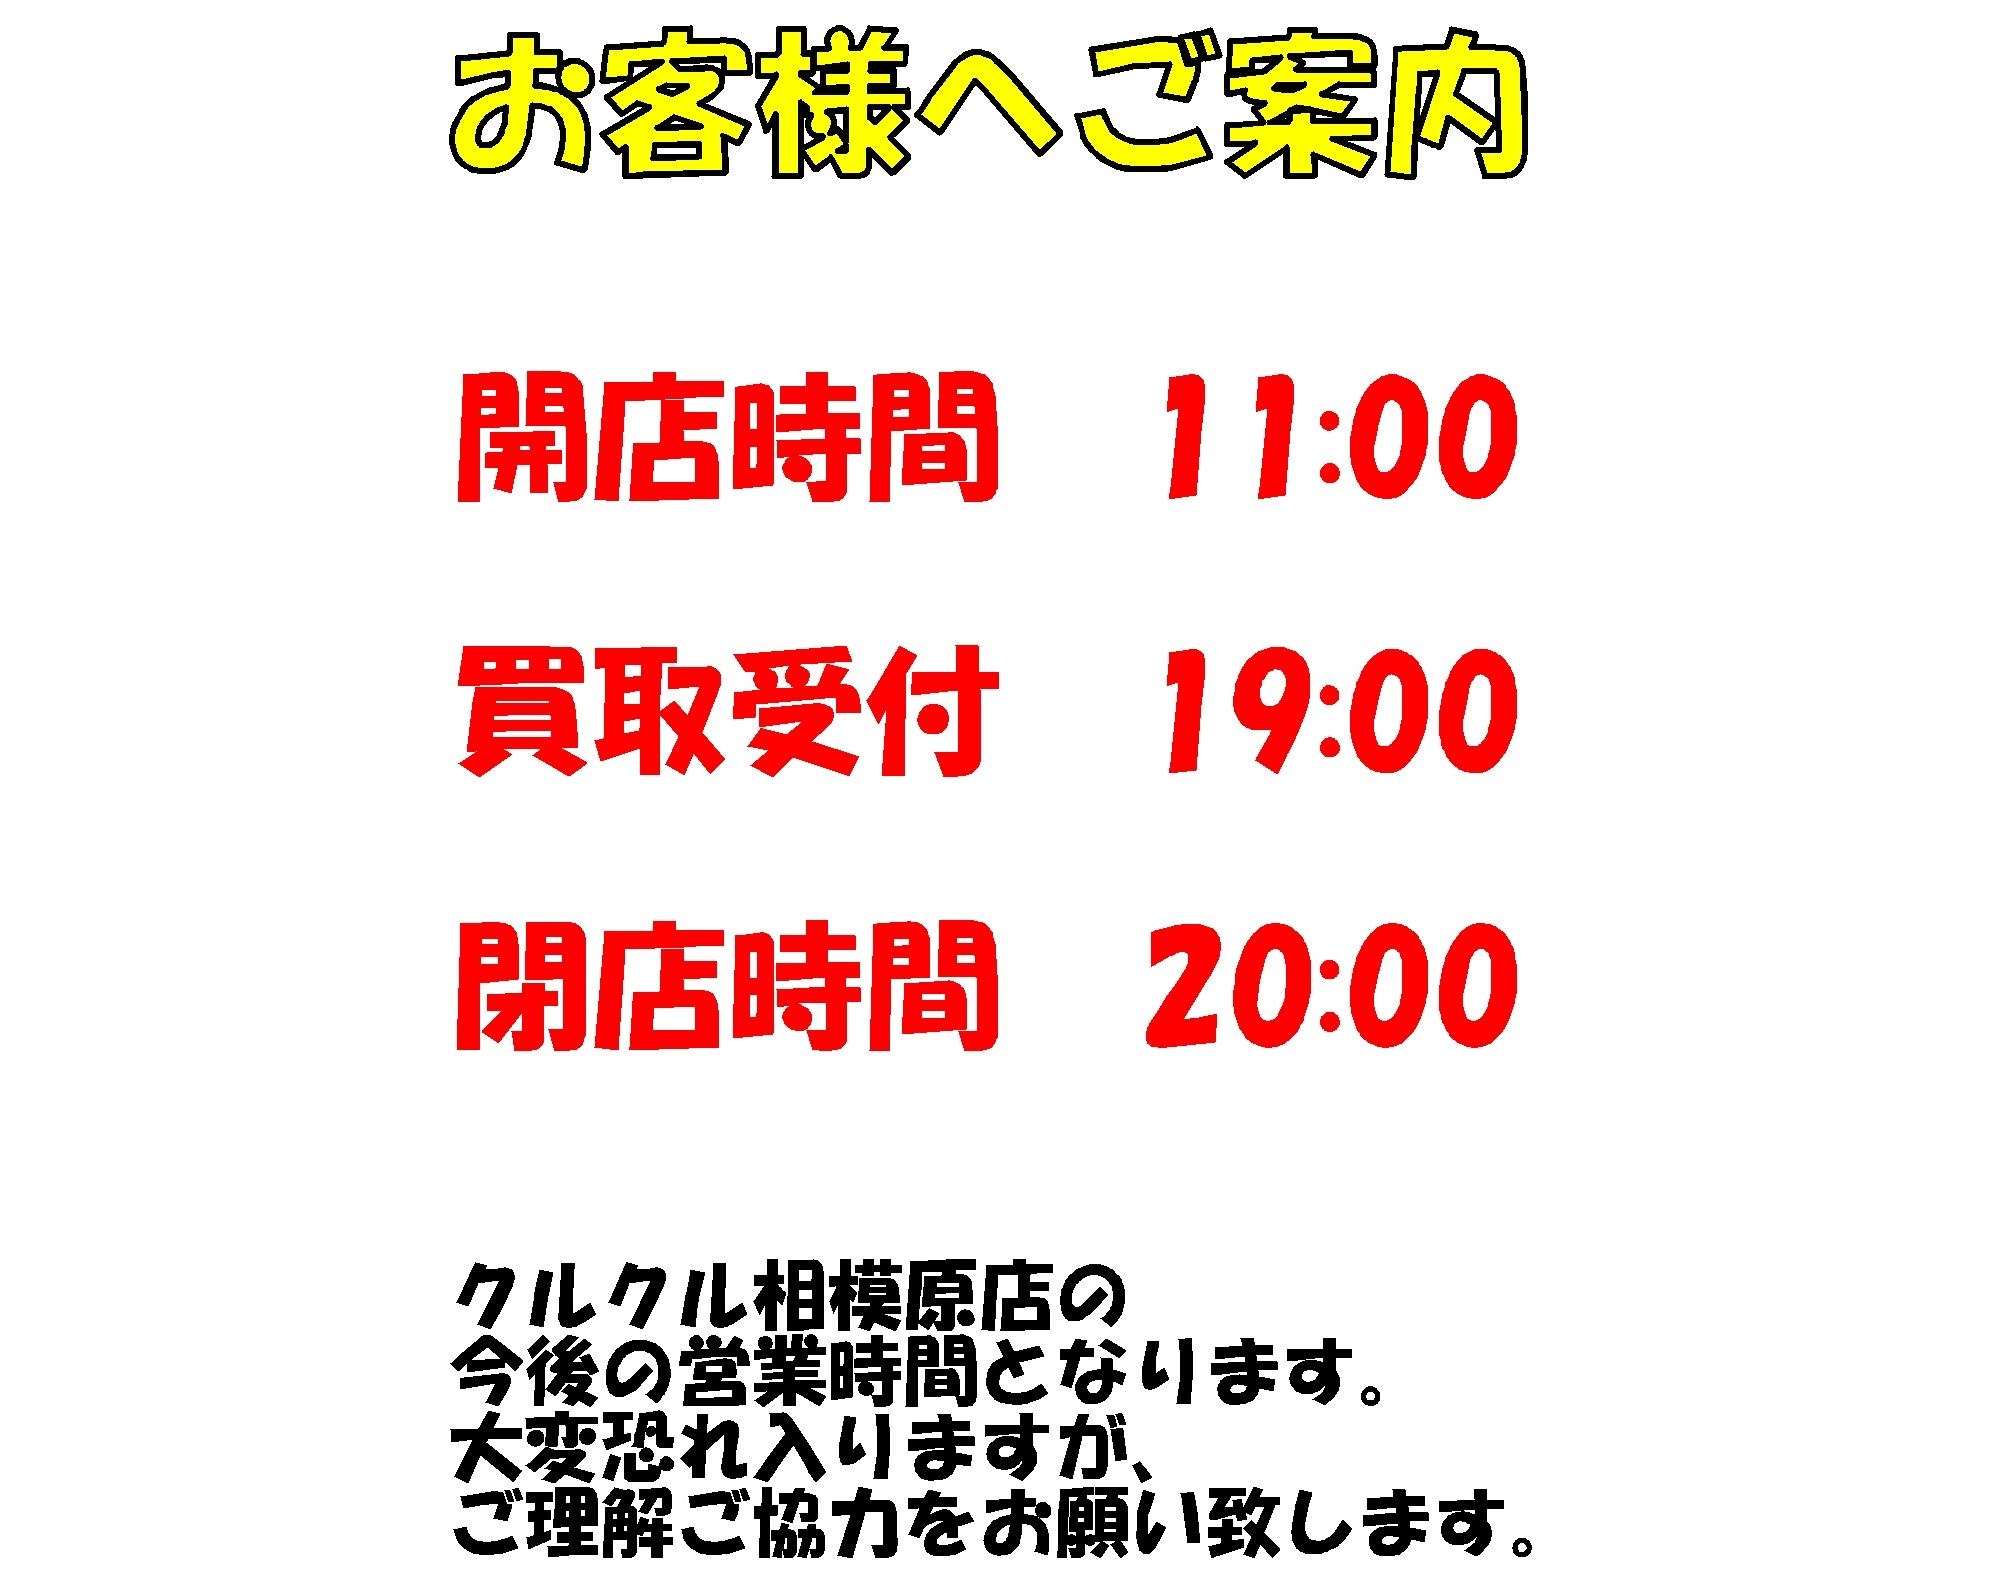 クルクル相模原店4周年祭開催!